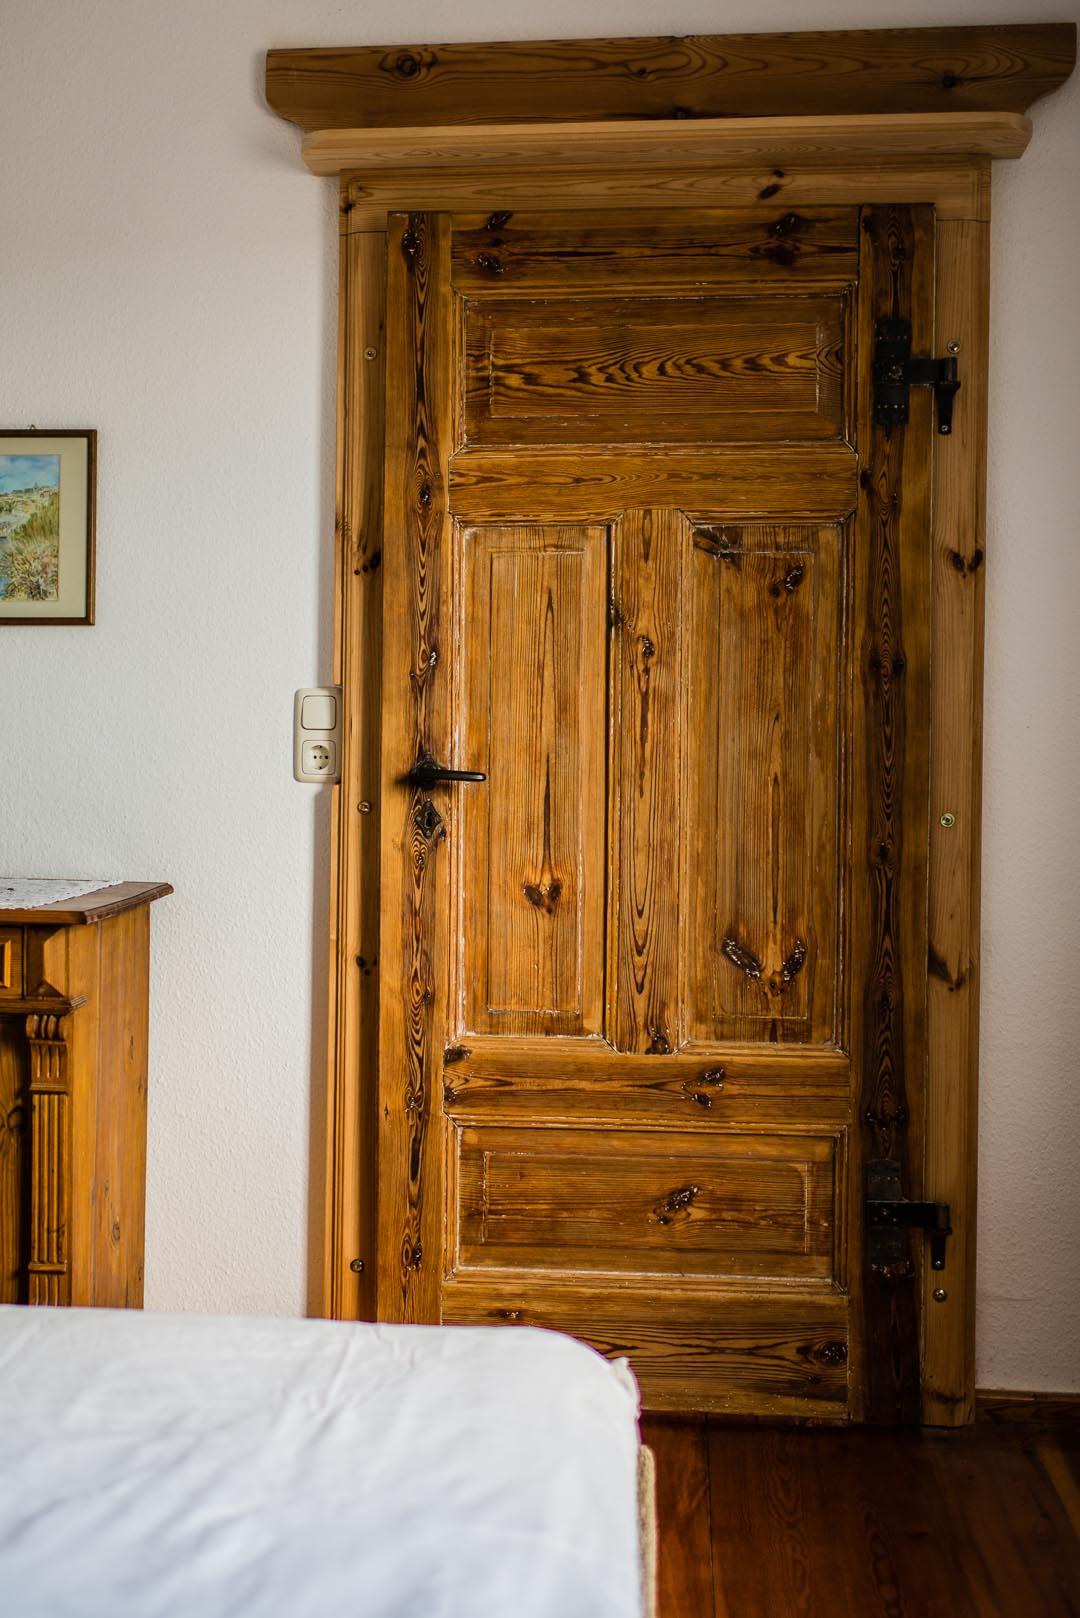 84 zimmer ausmalen auf englisch 100 ikea wohnzimmer ideen 15 kostenlose daf malen. Black Bedroom Furniture Sets. Home Design Ideas